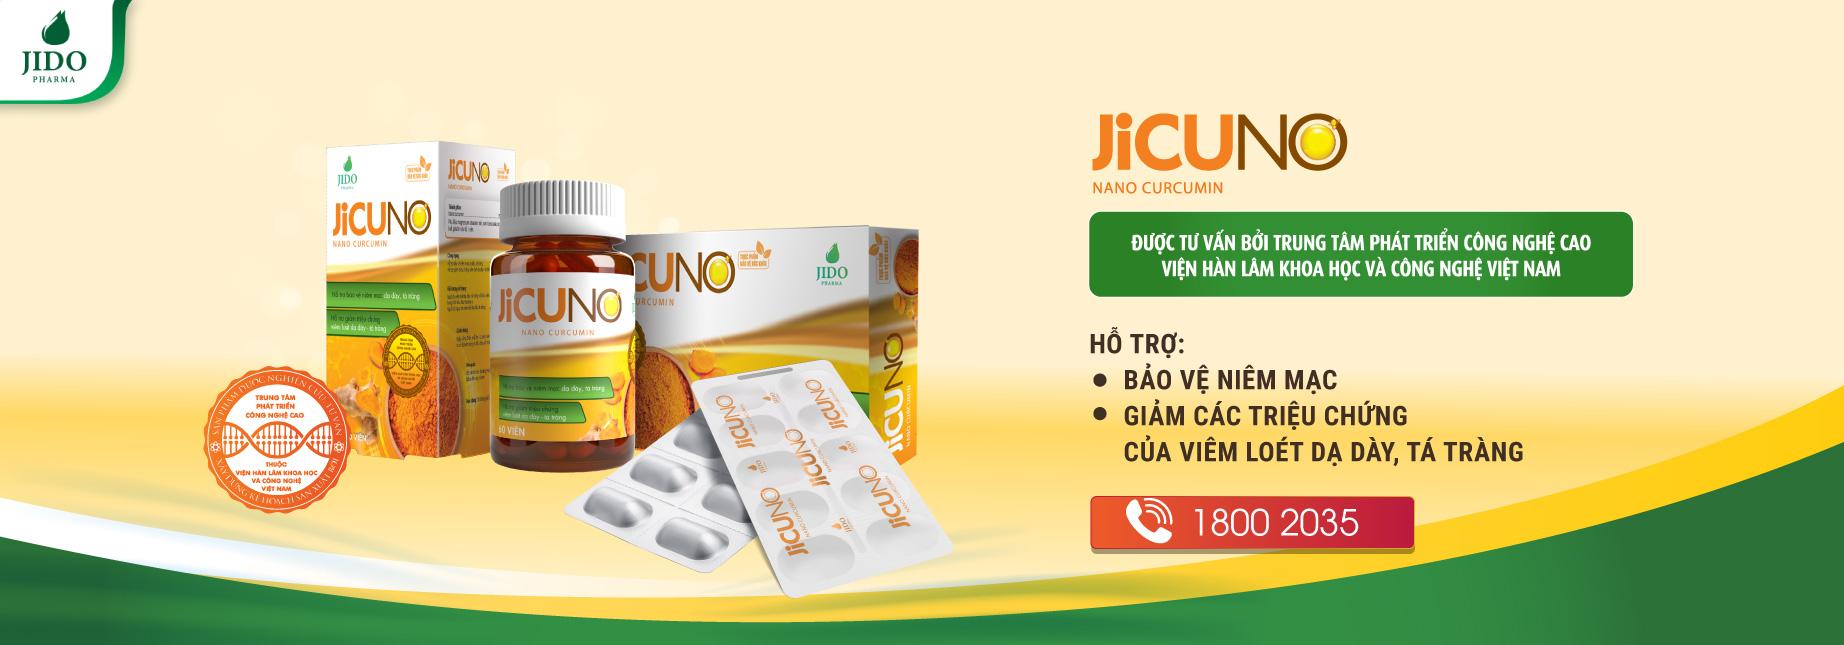 Viên uống hỗ trợ điều trị dạ dày, tá tràng JICUNO